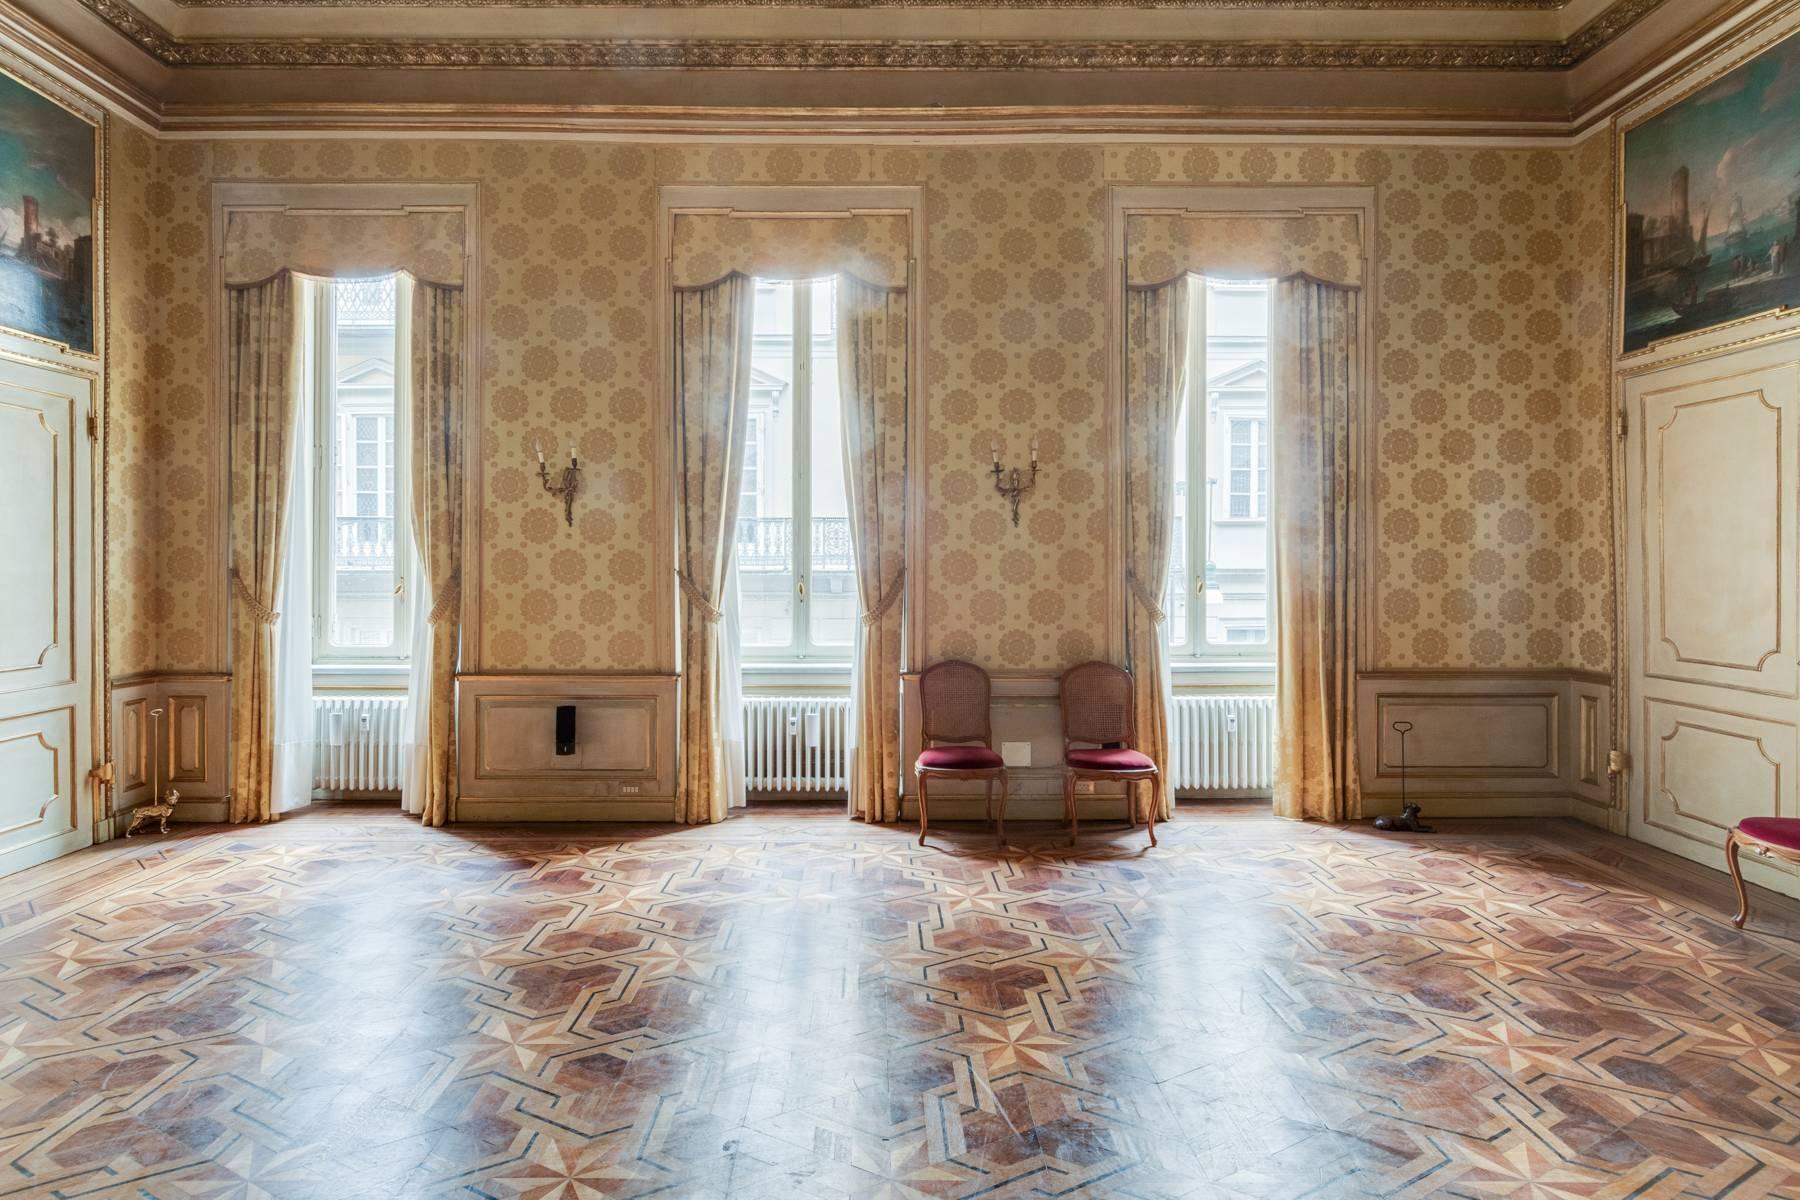 Luxus-Wohnung im historischen Palast - 8